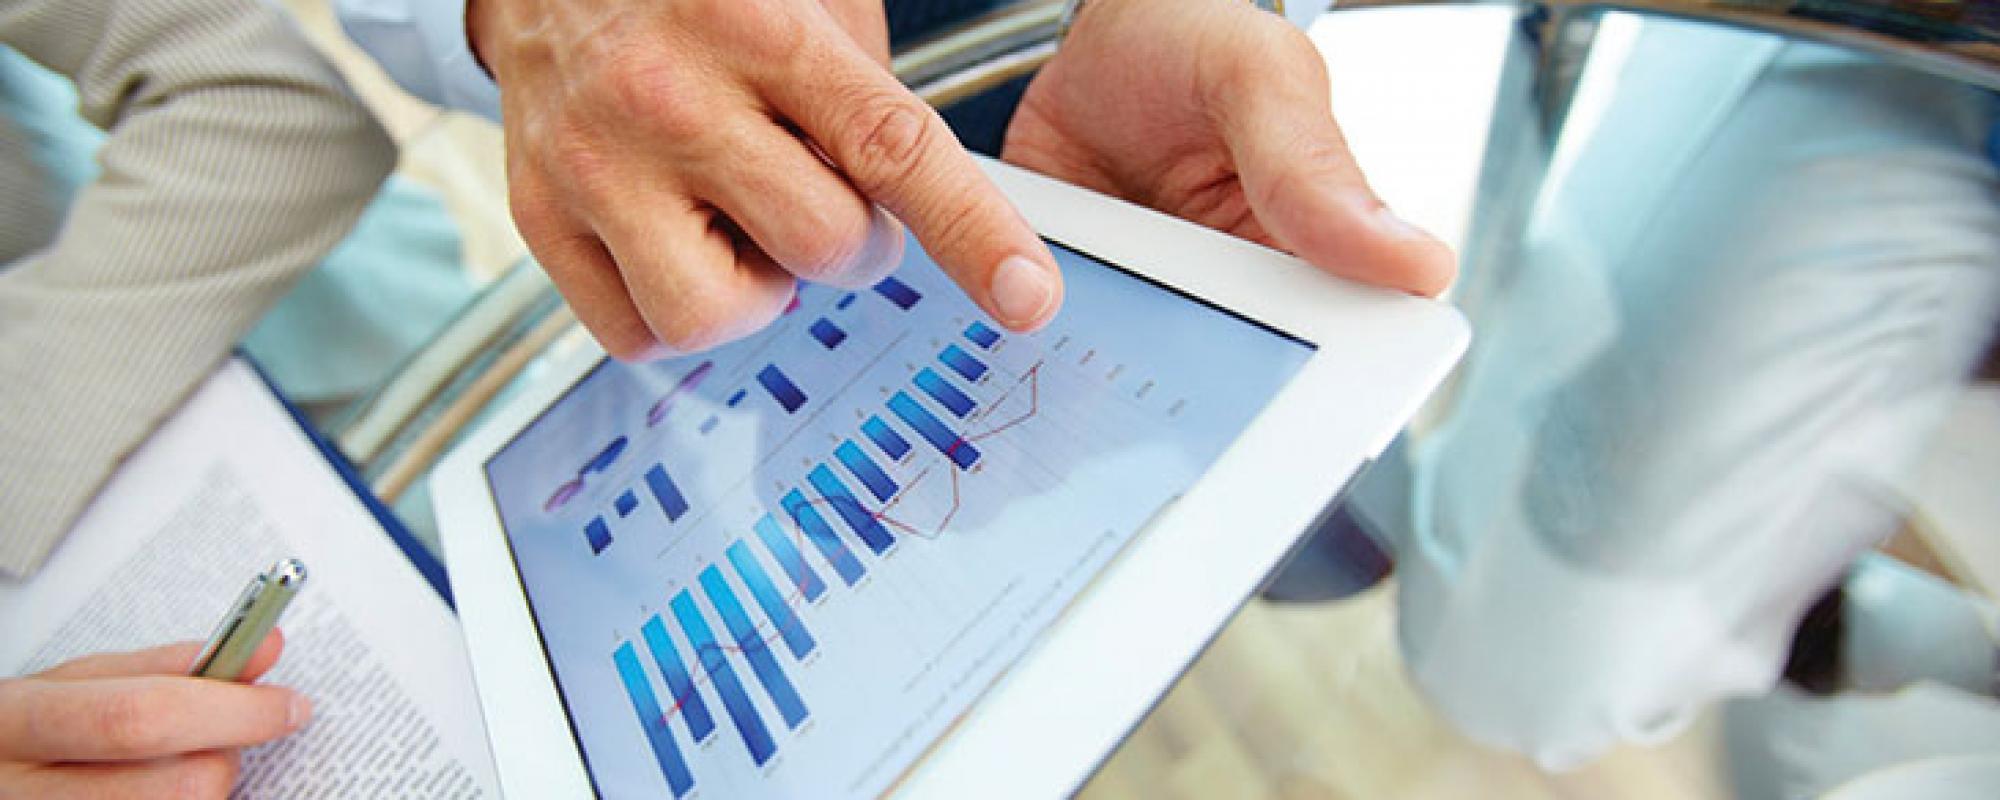 Una tablet con gráficos